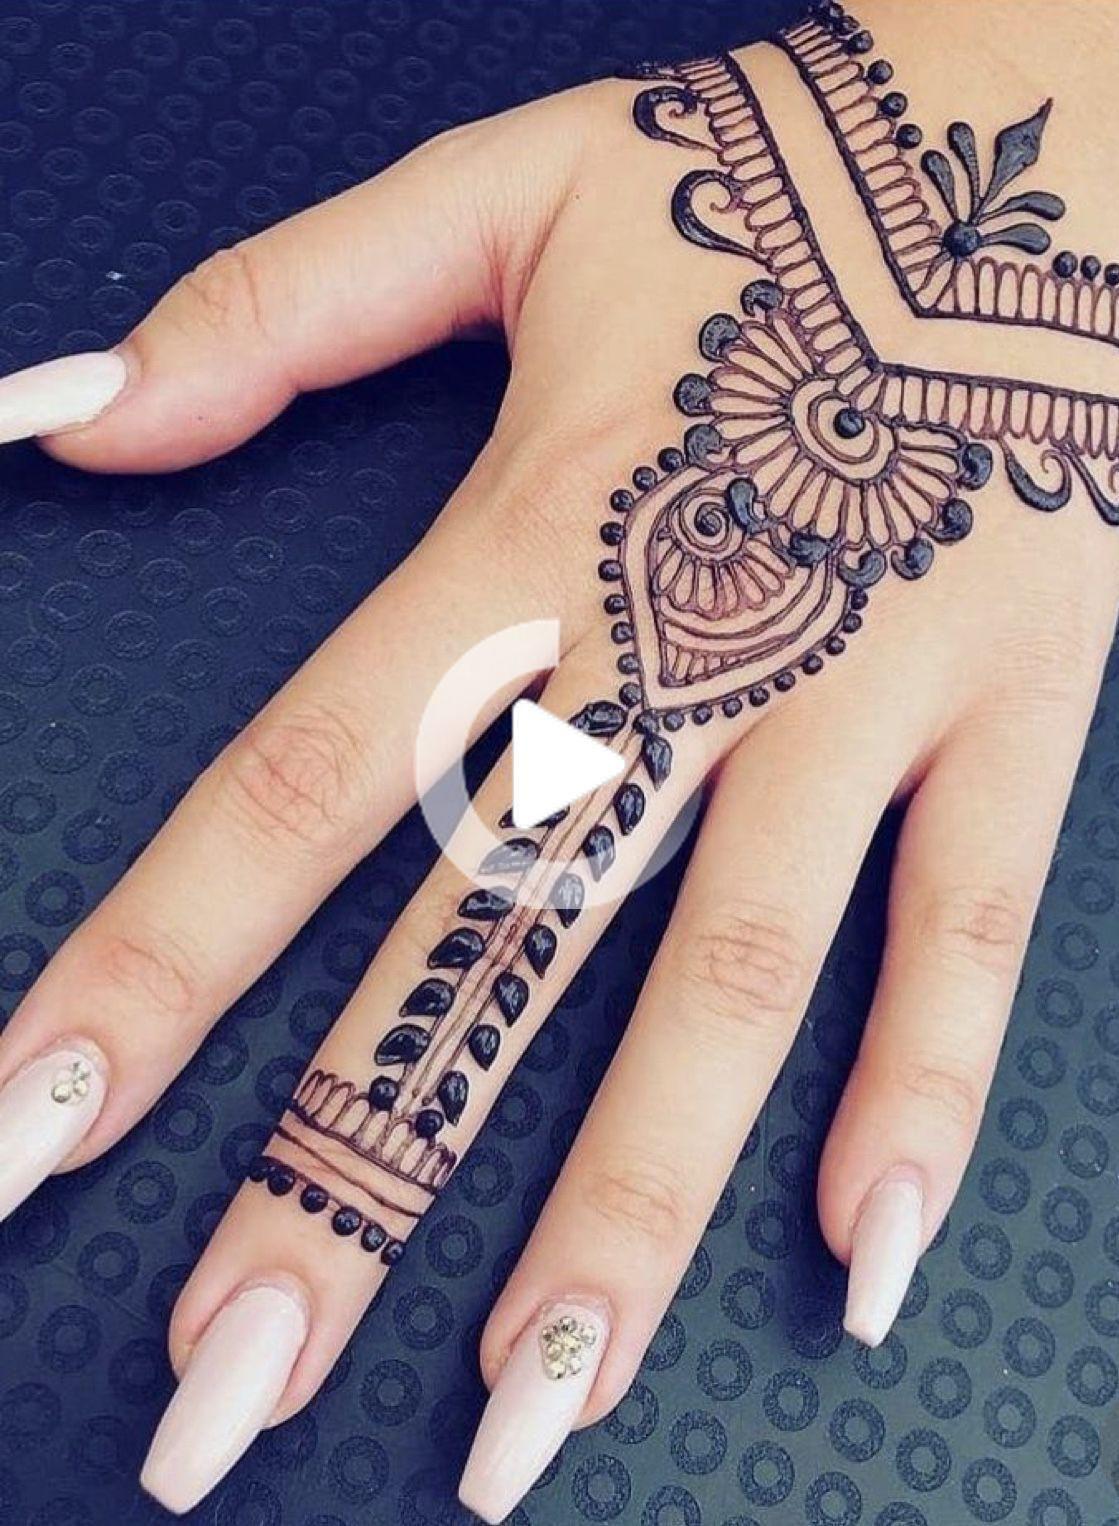 Beginner Henna Designs Easy Hand In 2020 Henna Designs Feet Henna Tattoo Designs Simple Henna Tattoo Designs